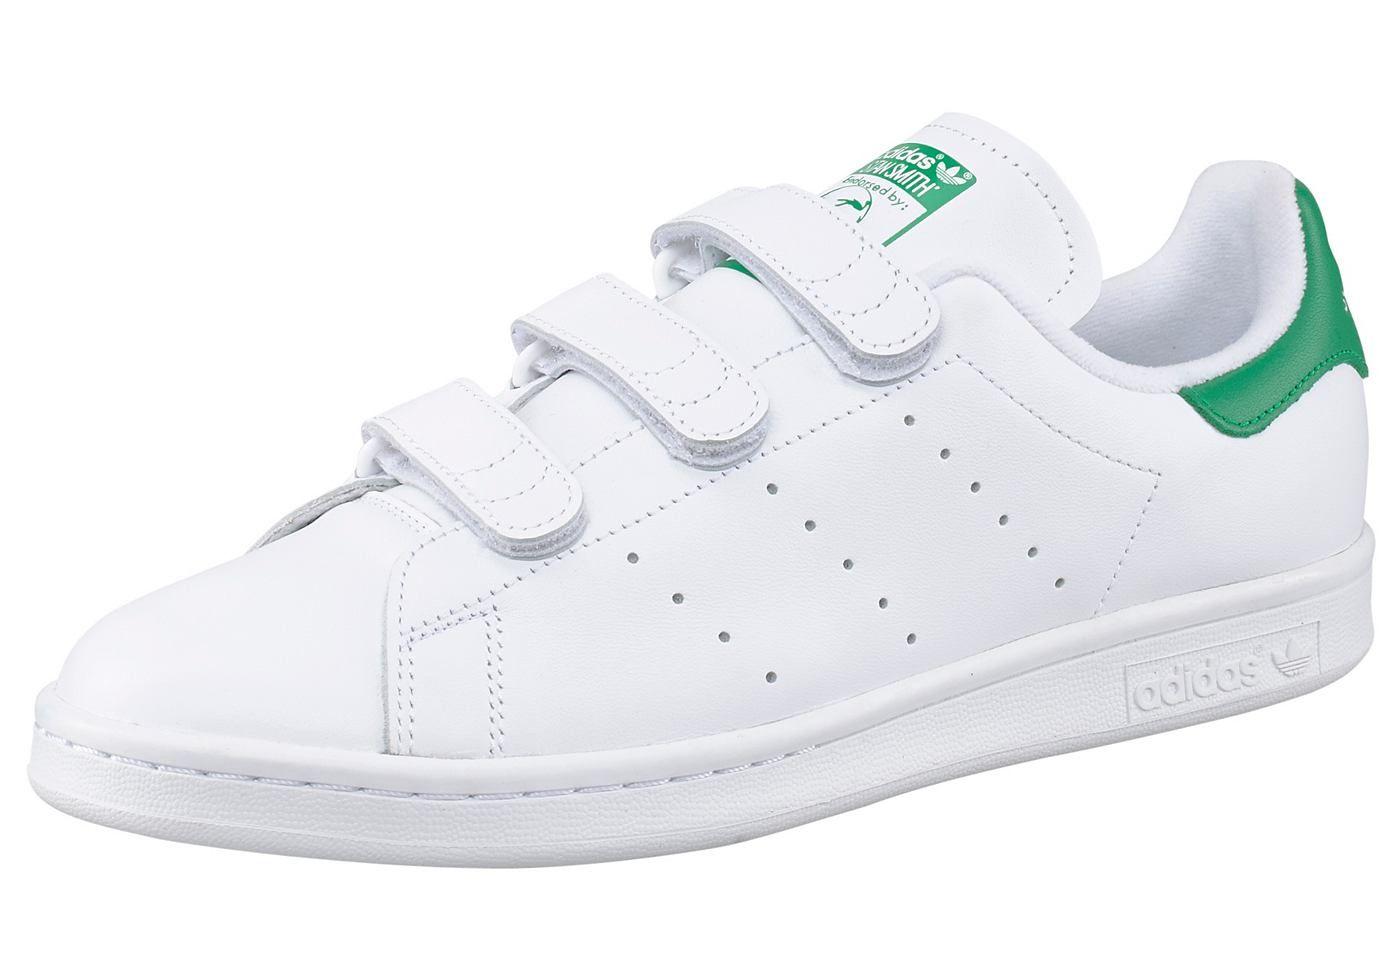 Grossenhinweis Fallt Klein Aus Bitte Eine Grosse Grosser Bestellen Produkttyp Sneaker Schuhhohe N Turnschuhe Adidas Originals Adidas Originals Sneaker